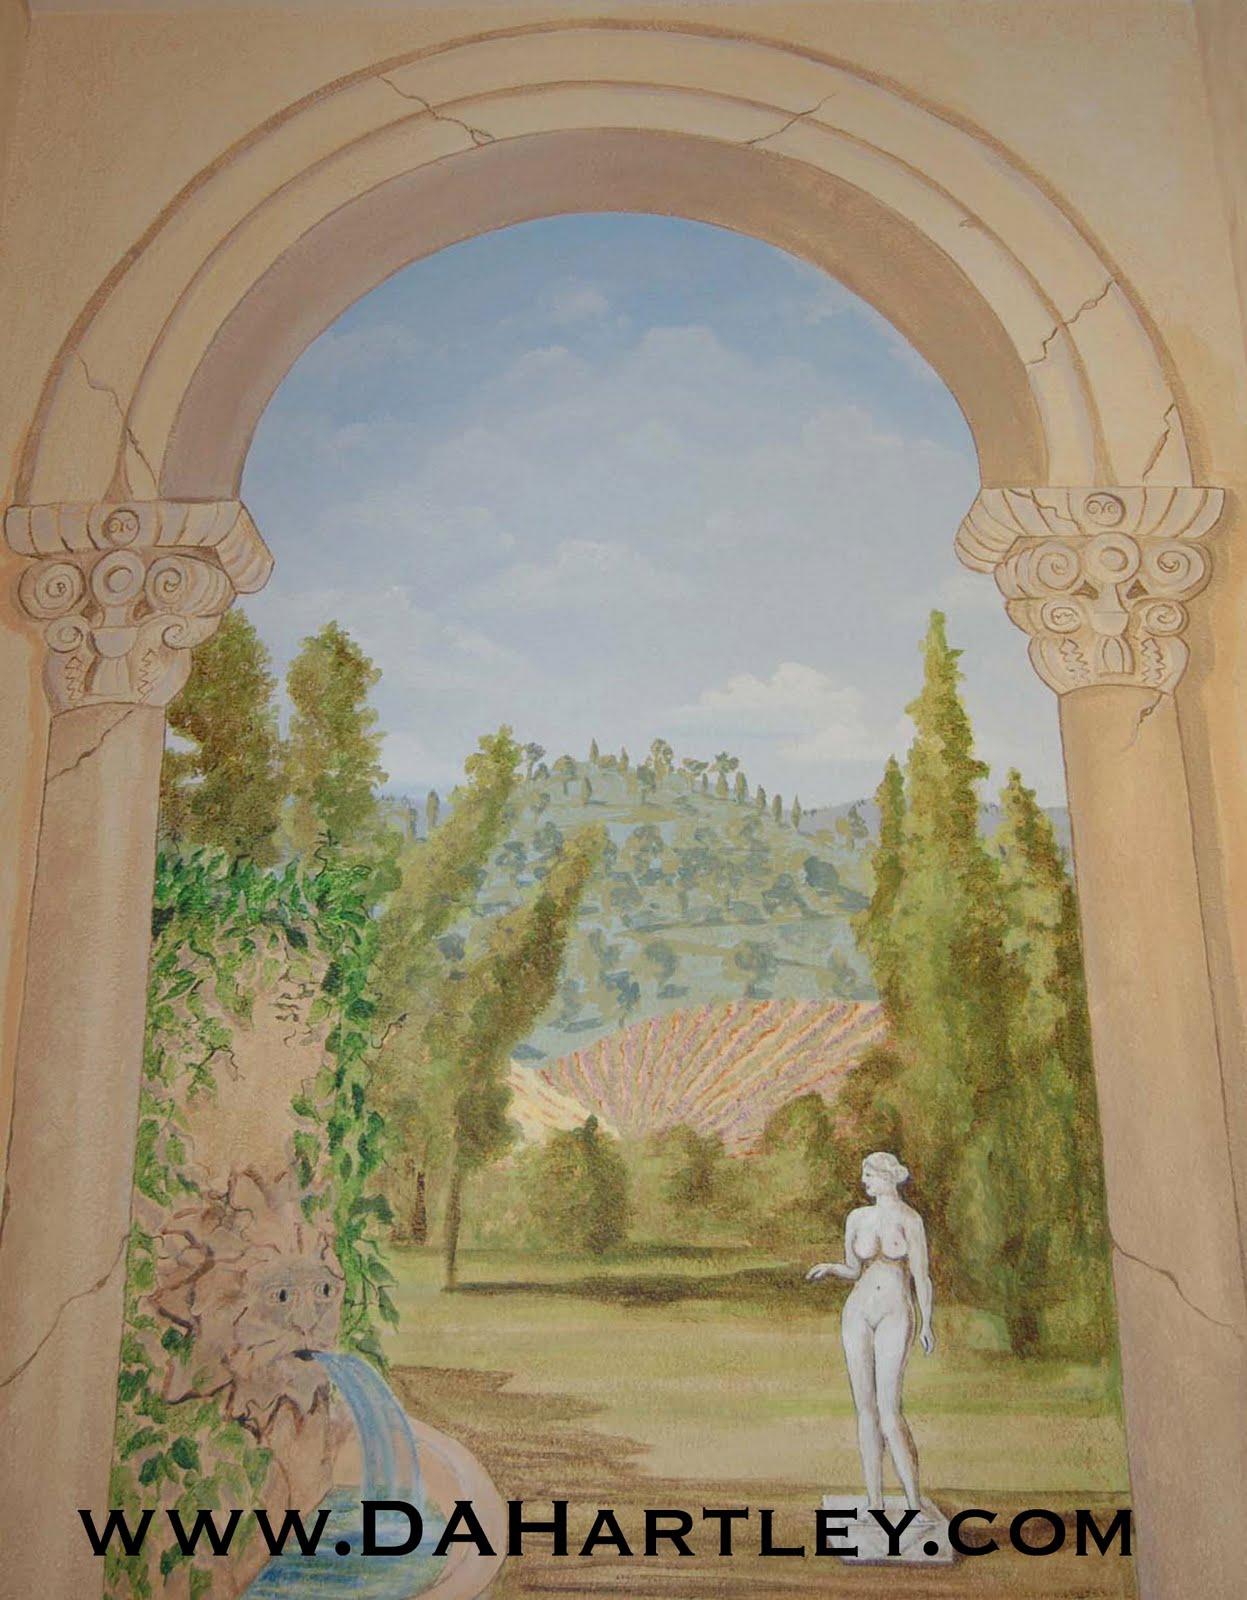 http://2.bp.blogspot.com/_wcml1gYdsjk/S9tslQM_vPI/AAAAAAAAAZA/gzZbDJCxGIs/s1600/mural_bath.jpg